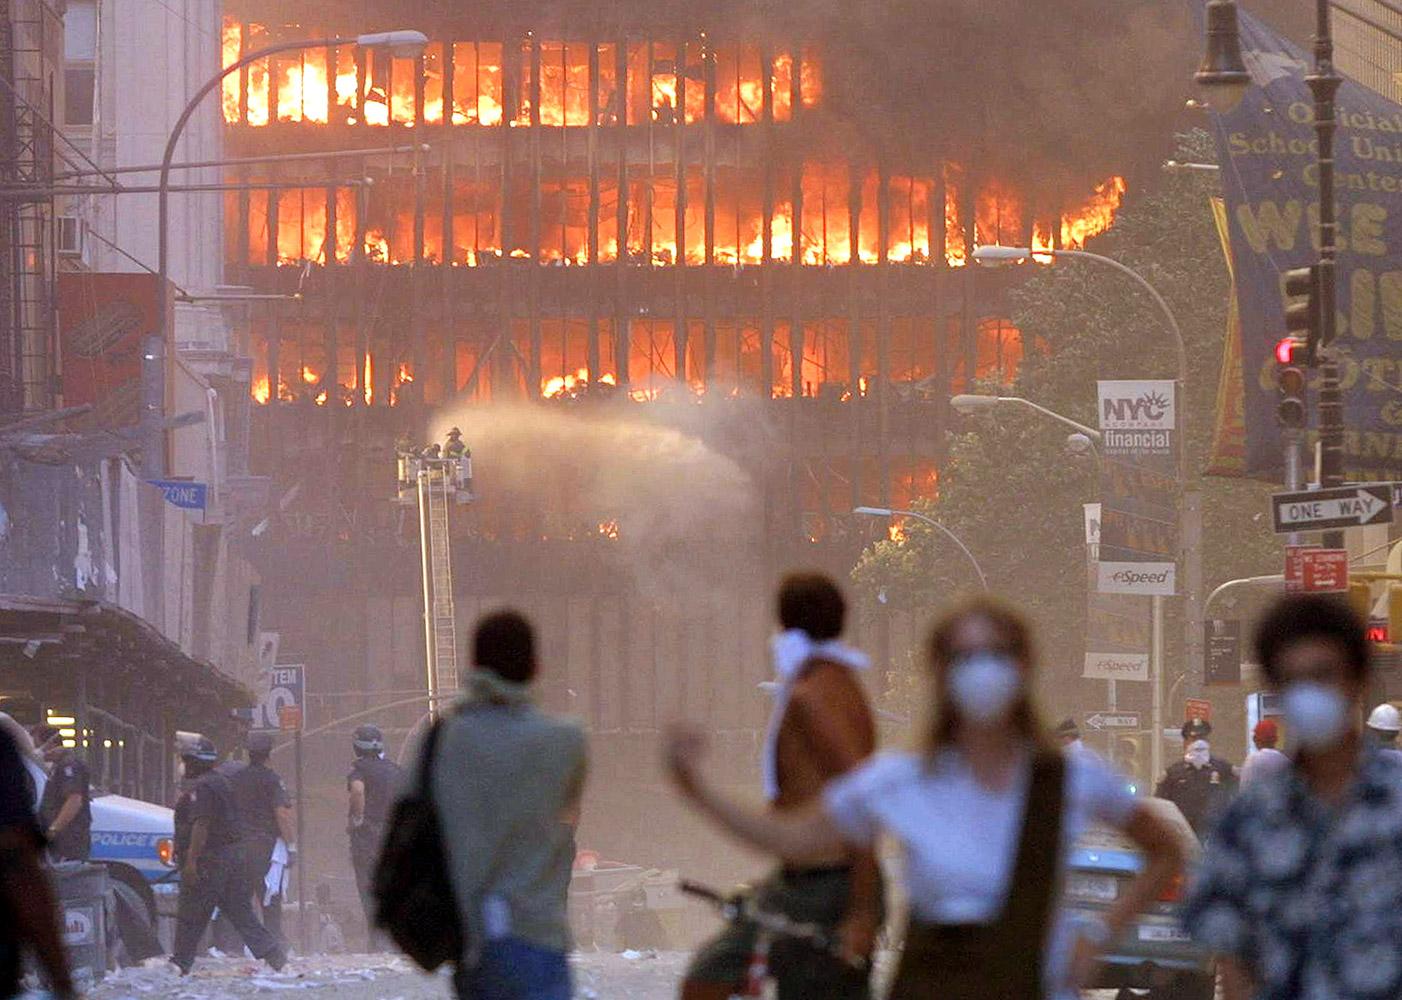 famous-images-from-september-11-terrorist-attacks-04.jpg